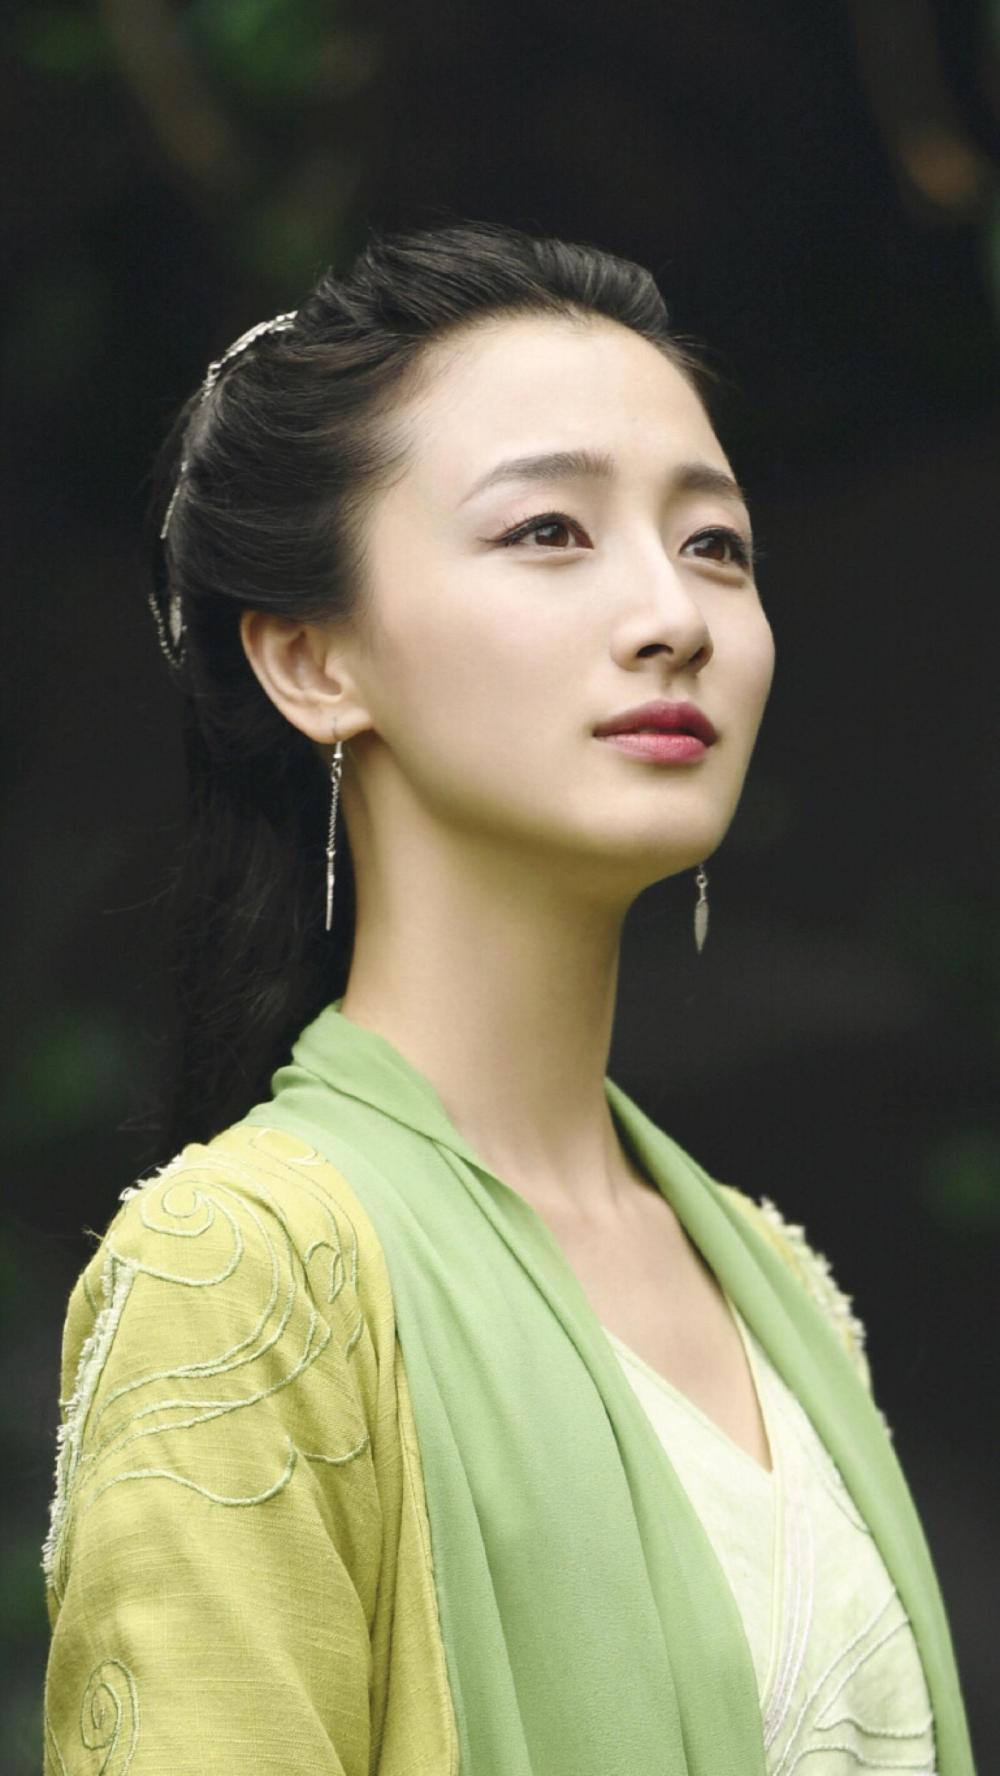 叶青:柜中丽人 芳草丽人  演副角也能冷艳寡人